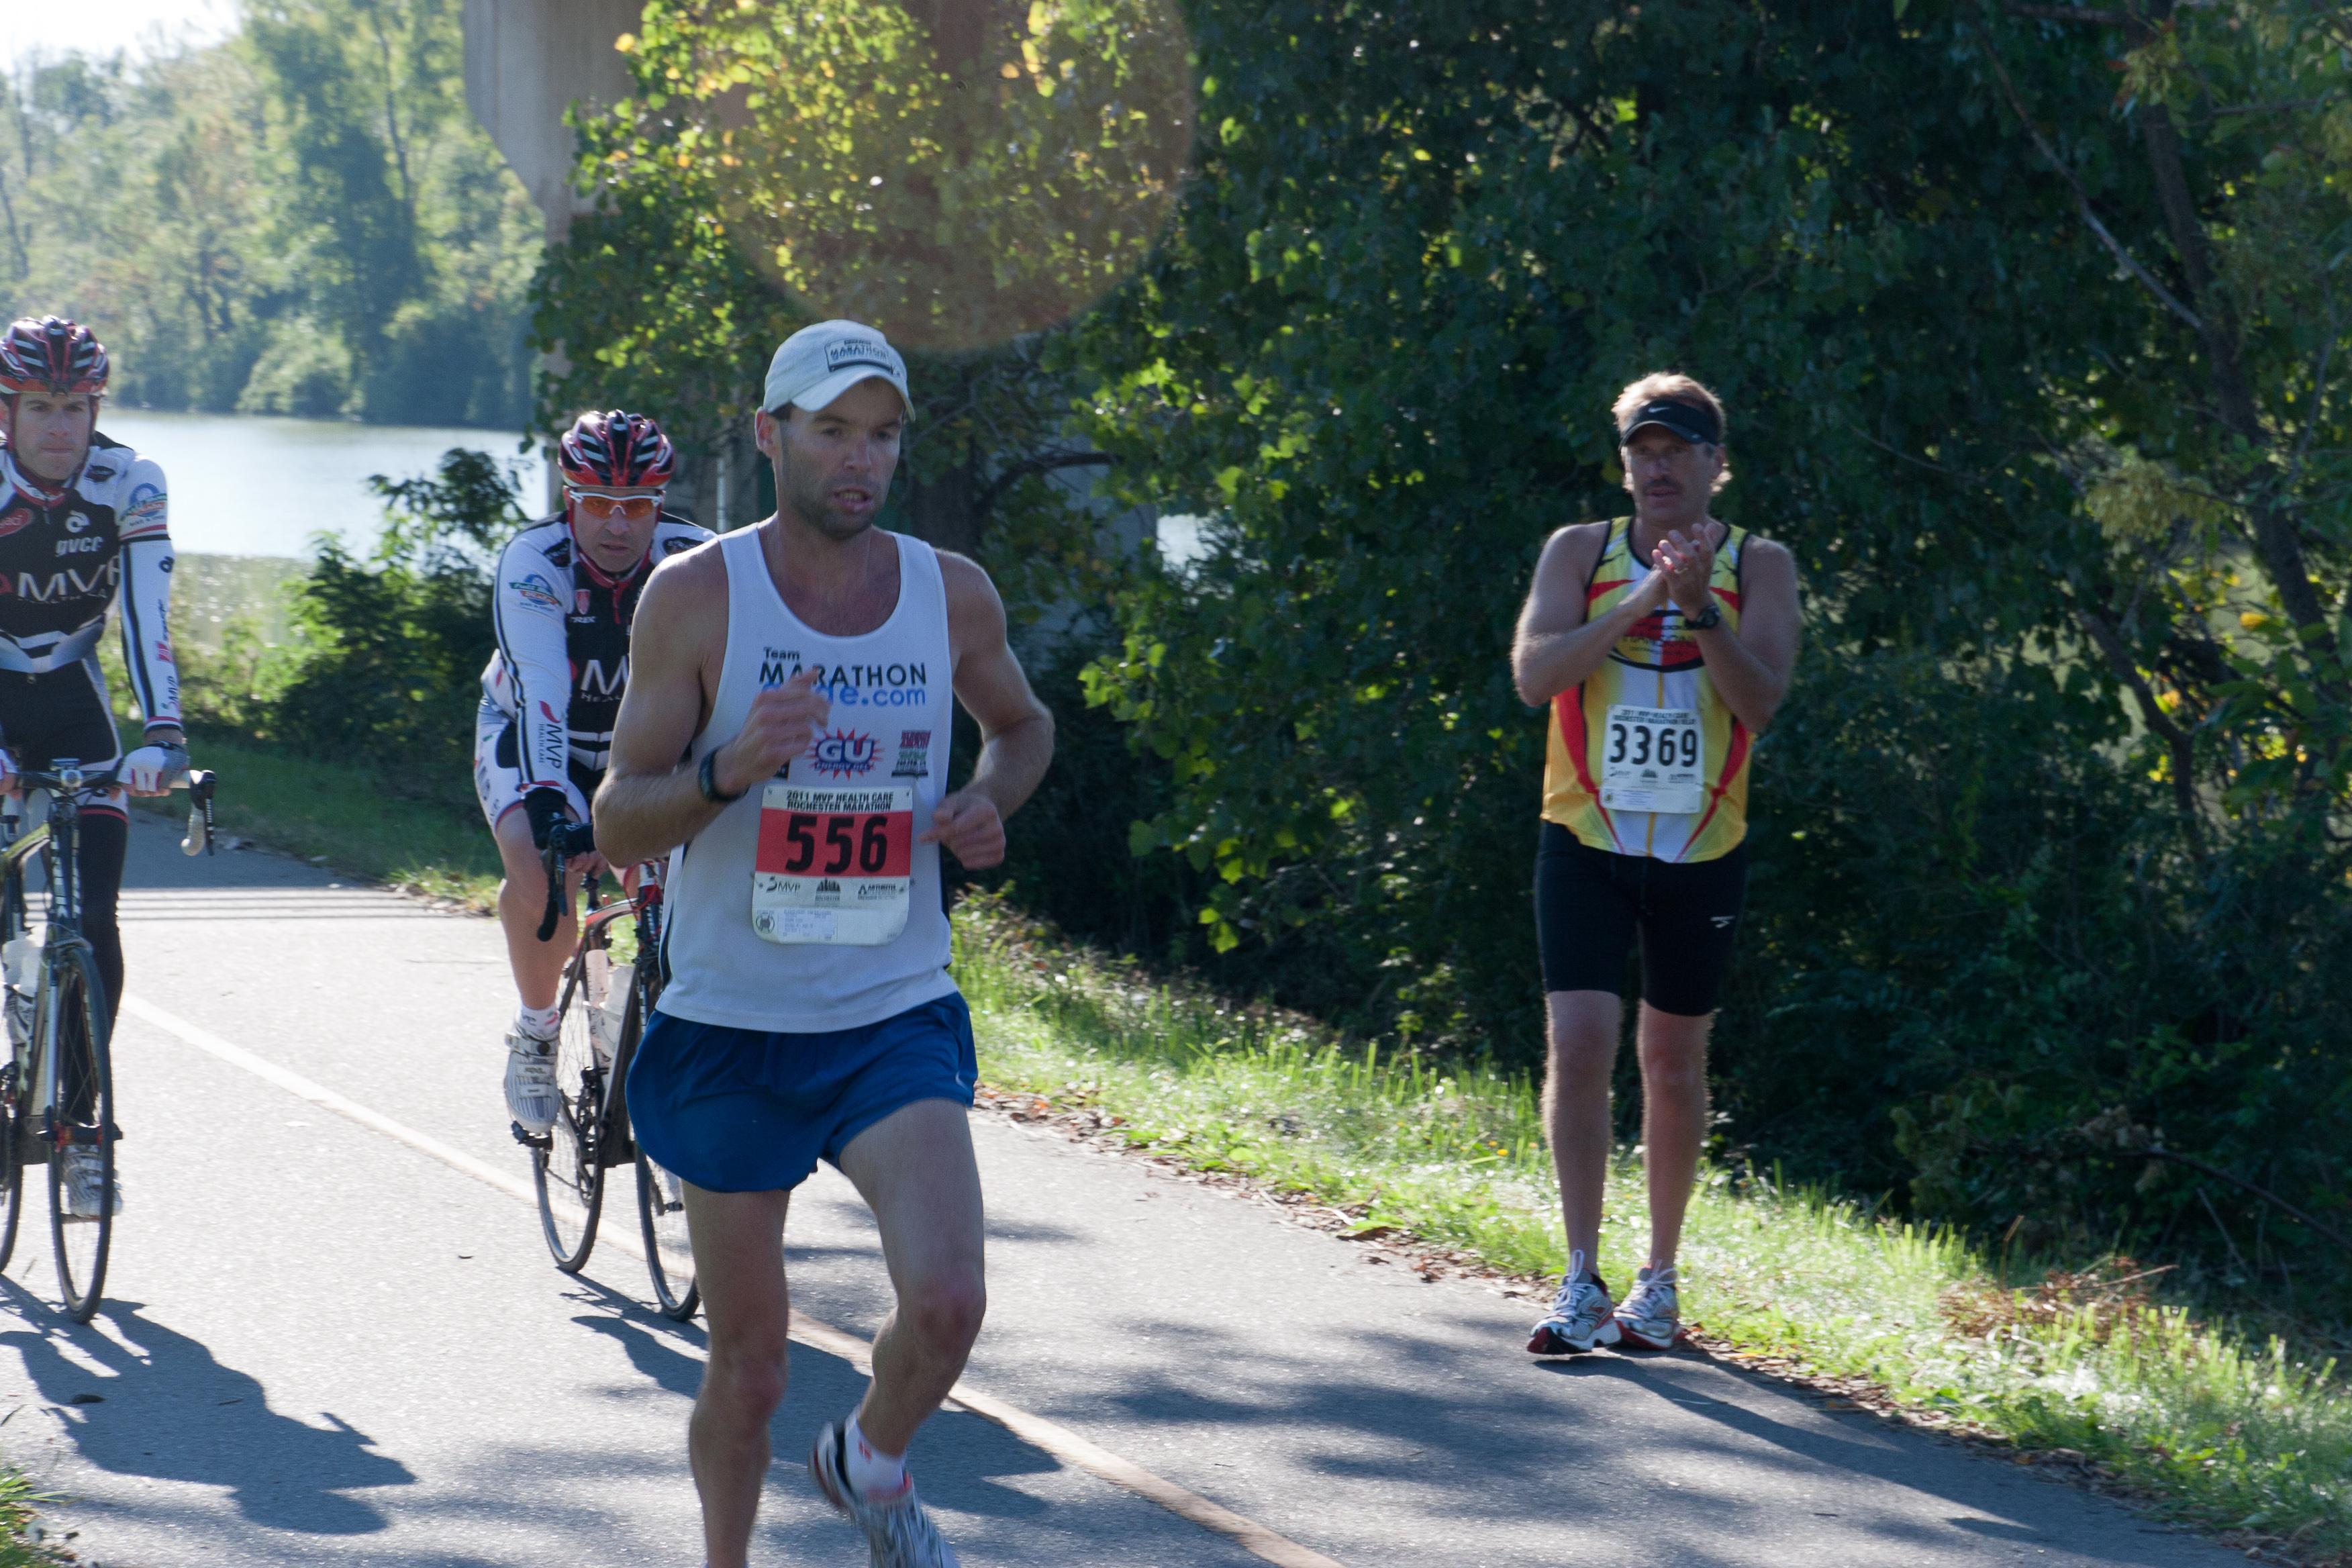 Lead Runner